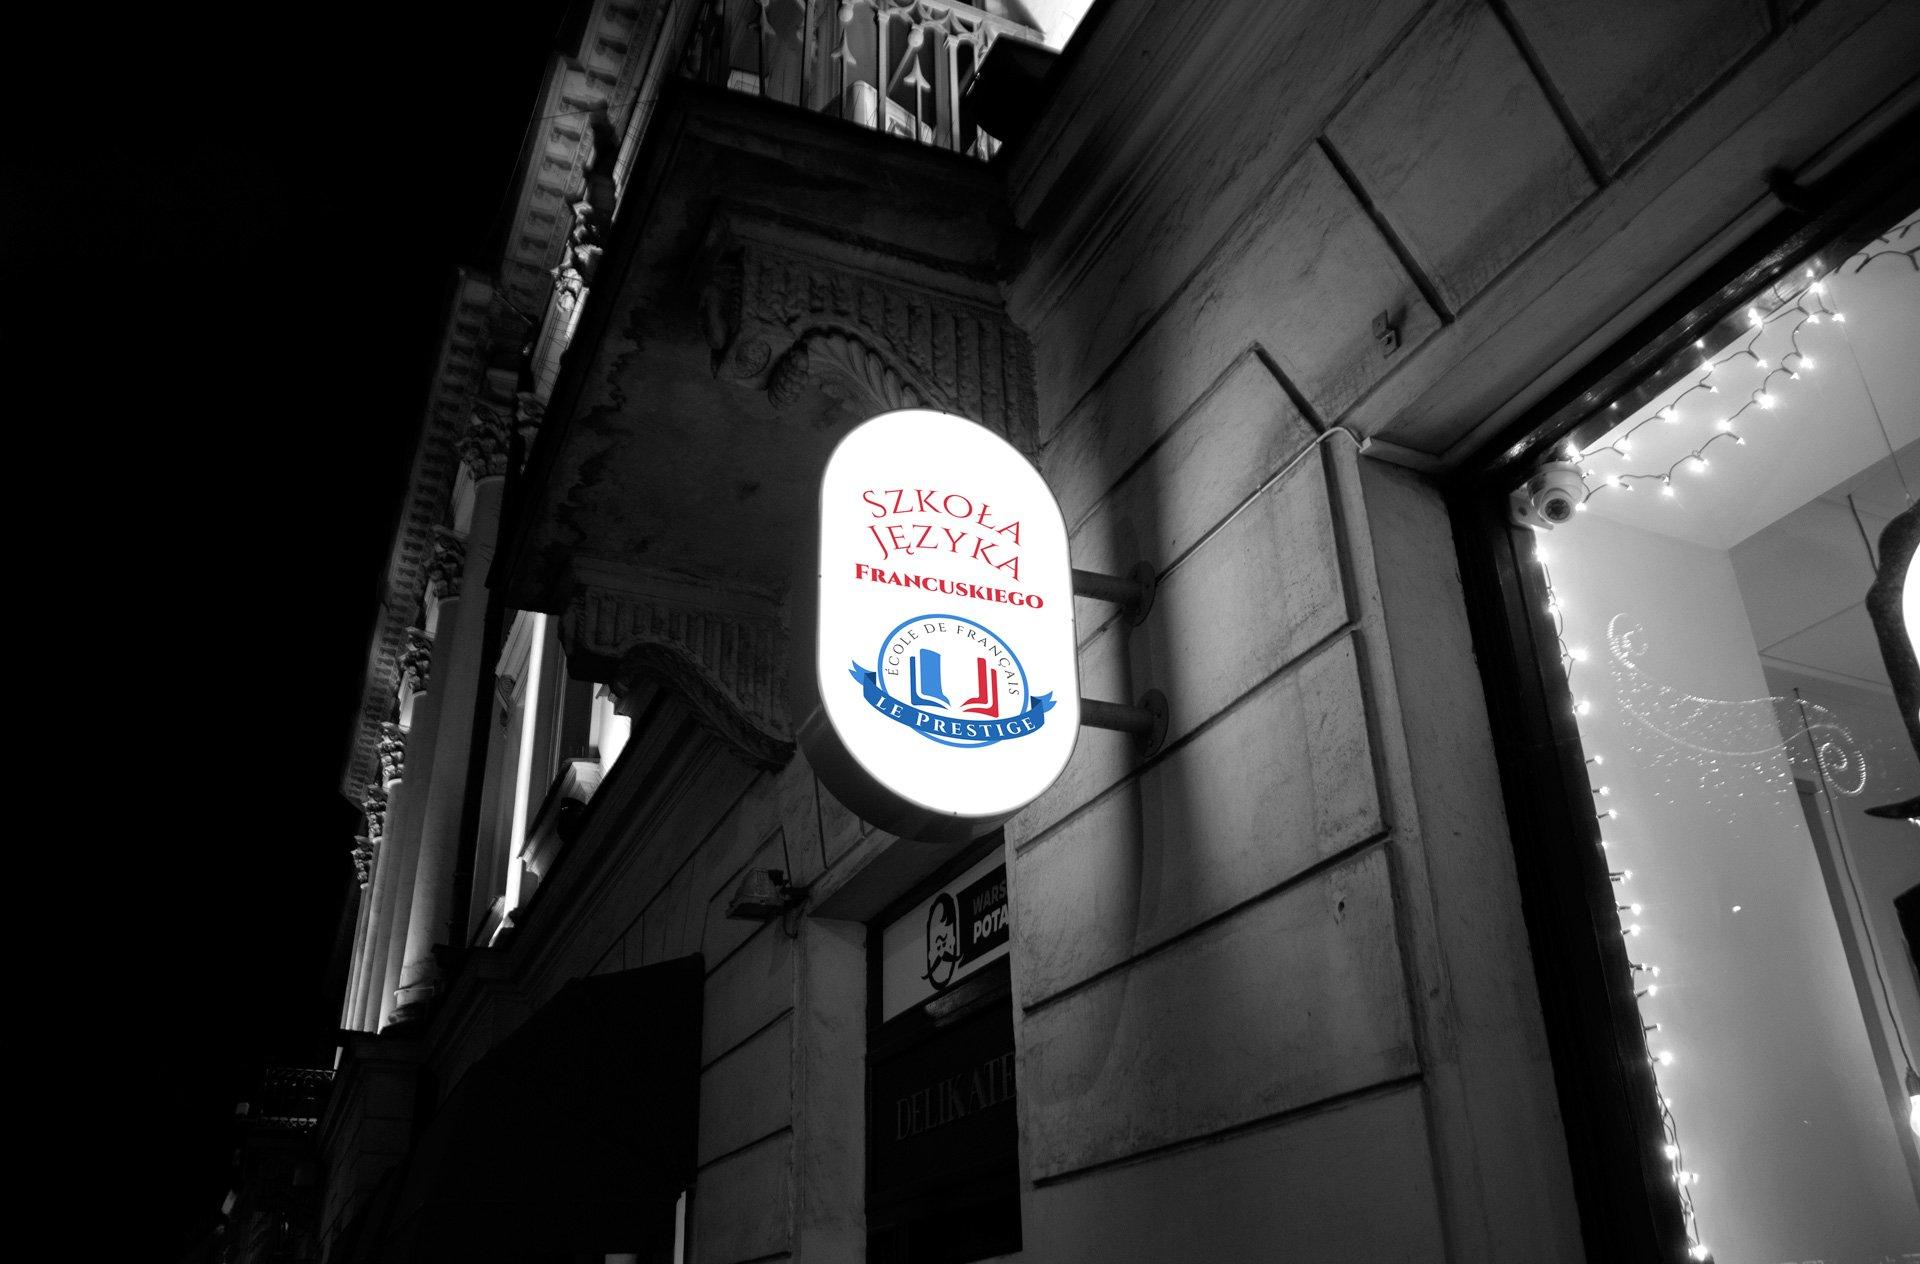 Wizualizacja logo Le Prestige na kasetonie świetlnym (by BBIG.PL)